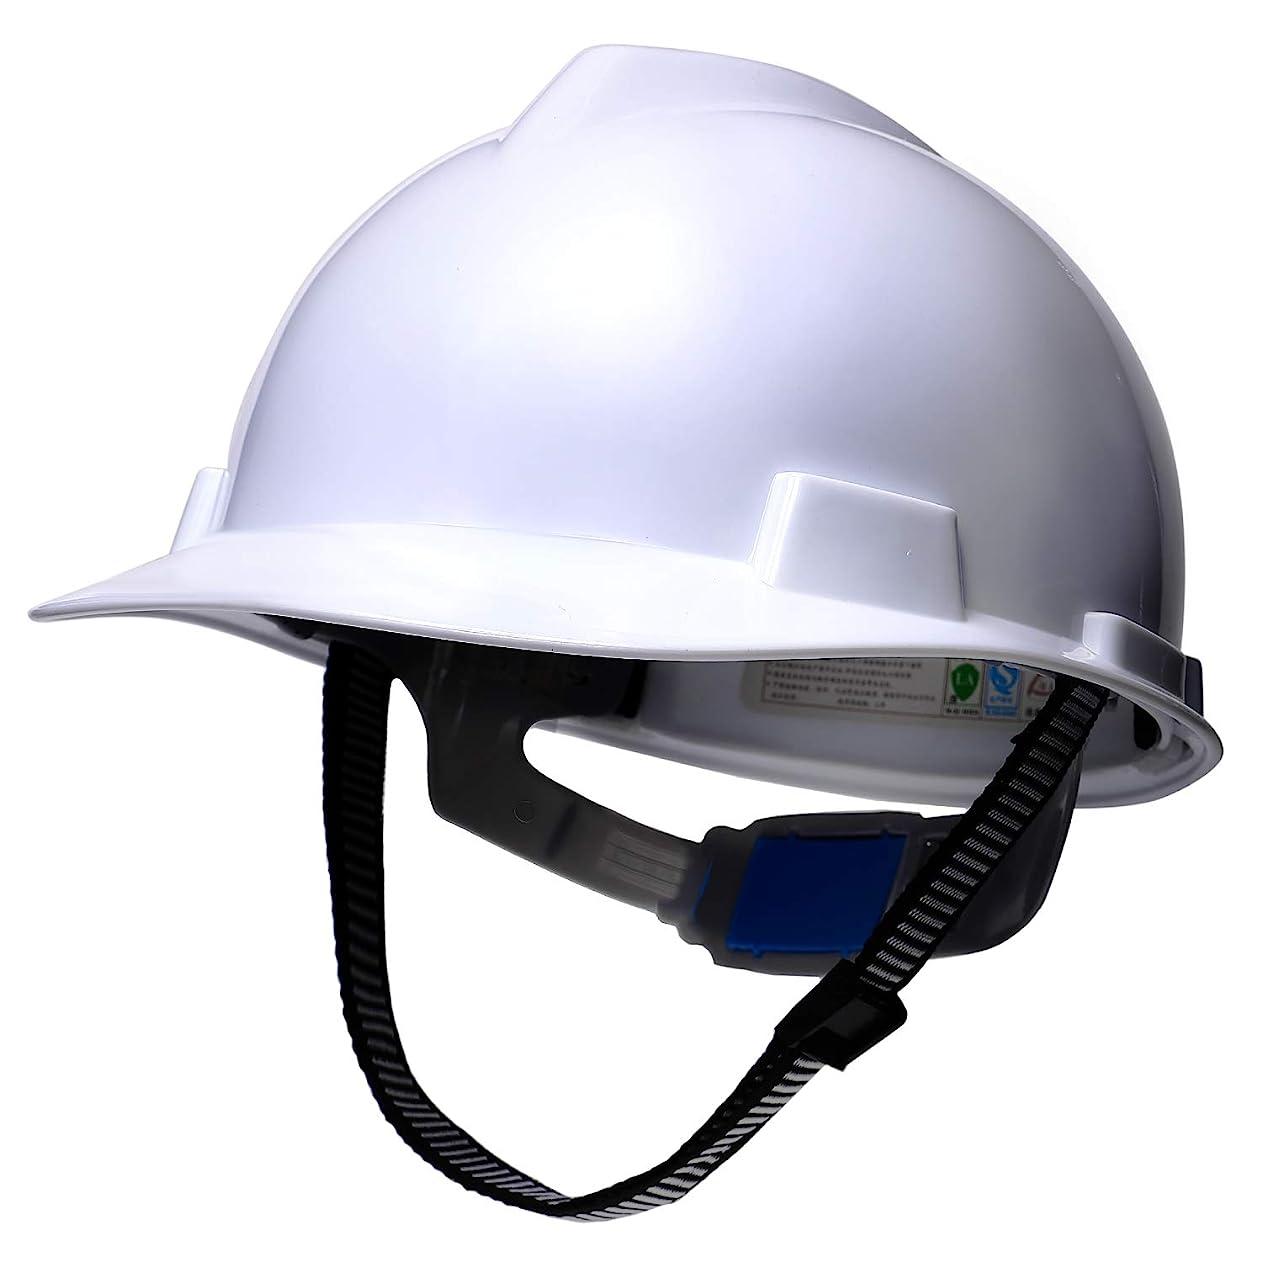 骨折アクション政府LUCINA 防災ヘルメット 備えあれば患いなし!大量注文OK!